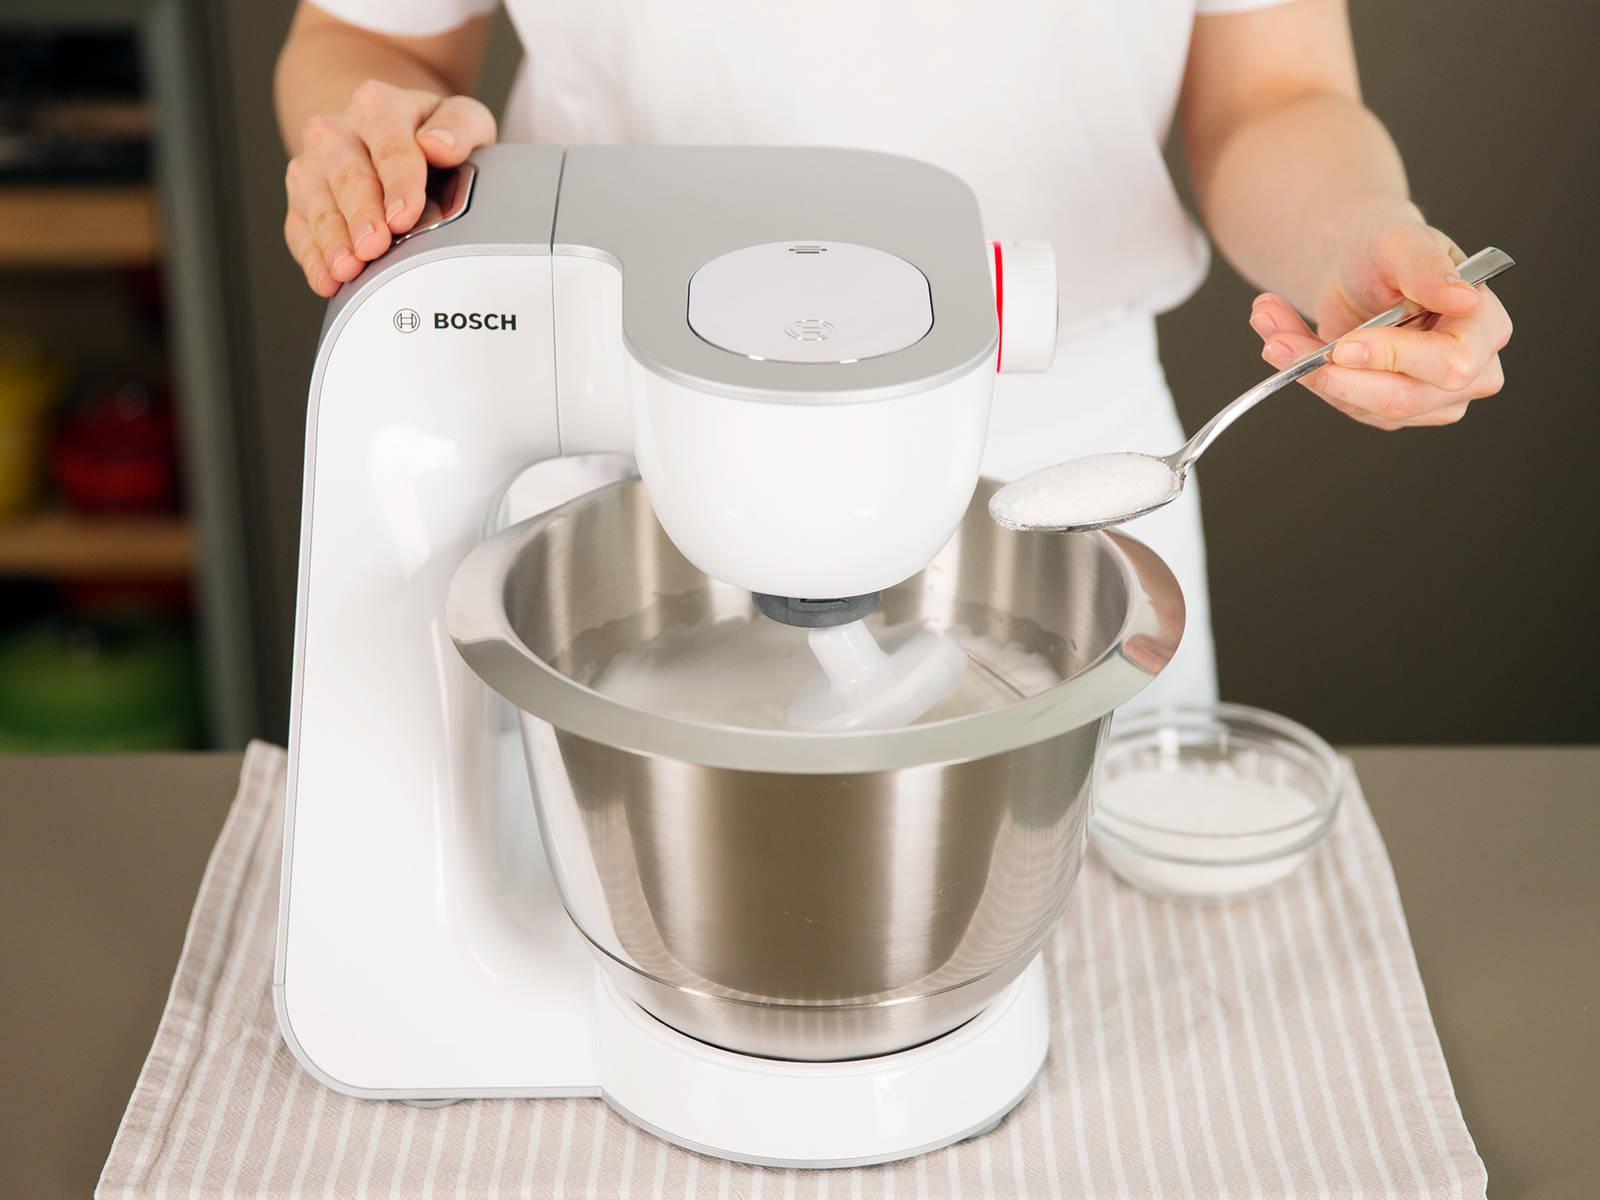 Während der Kuchen im Backofen ist, Eiweiß in einer sauberen Schüssel bei mittlerer Geschwindigkeit aufschlagen. Sobald es anfängt zu schäumen, Salz und Zitronensaft hinzugeben. Nach und nach Geschwindigkeit erhöhen, bis sich weiche Spitzen bilden. Anschließend Zucker langsam hinzugeben, bis das Baiser fest und glänzend ist.